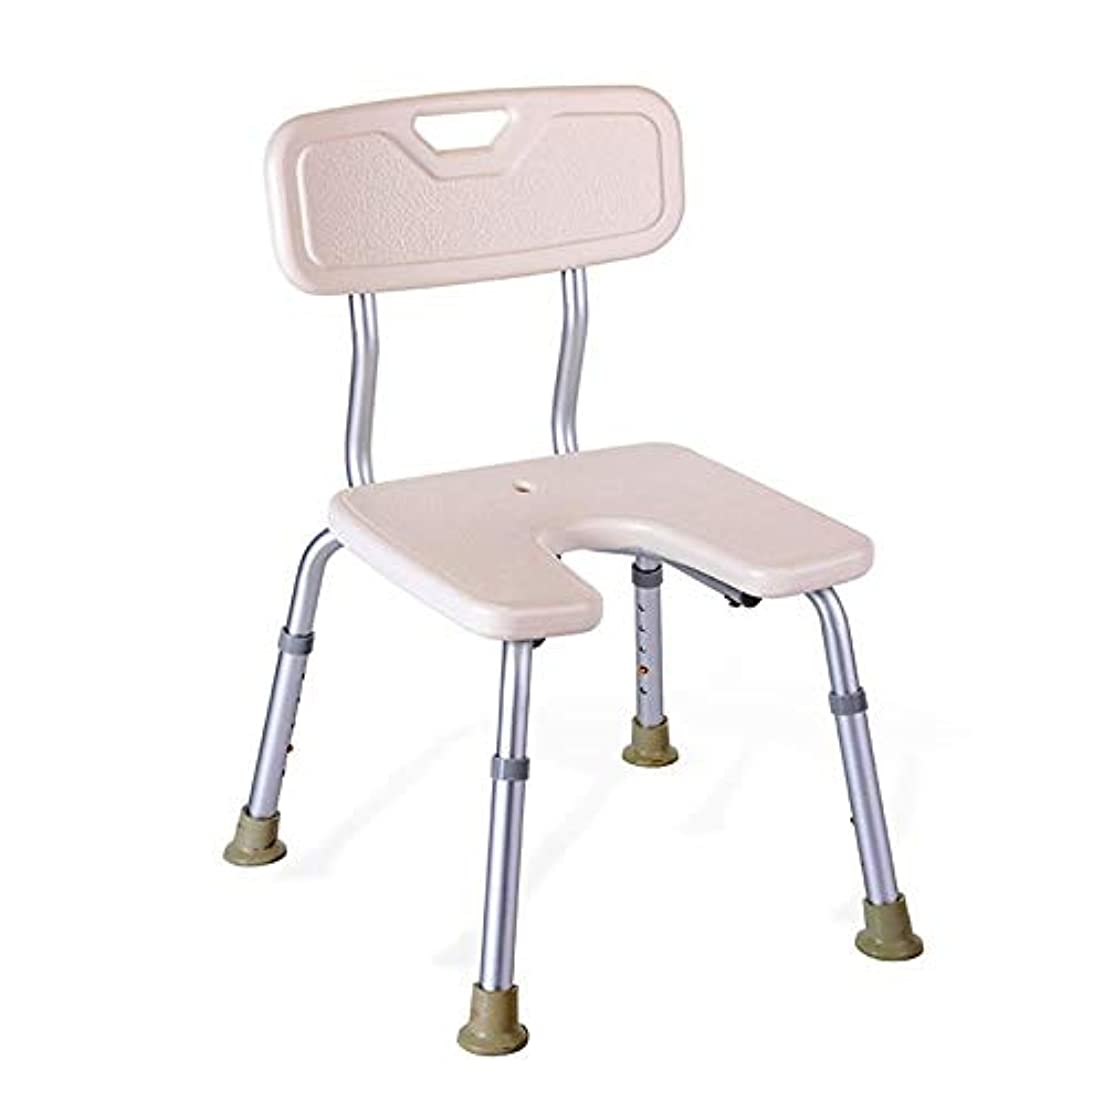 会議哀れな権限パッド入り背部付き肥満症用スツール、調節可能なシャワーシート、高齢者用シート付きバスチェアー、身体障害者用安定装置、バスルームアクセサー